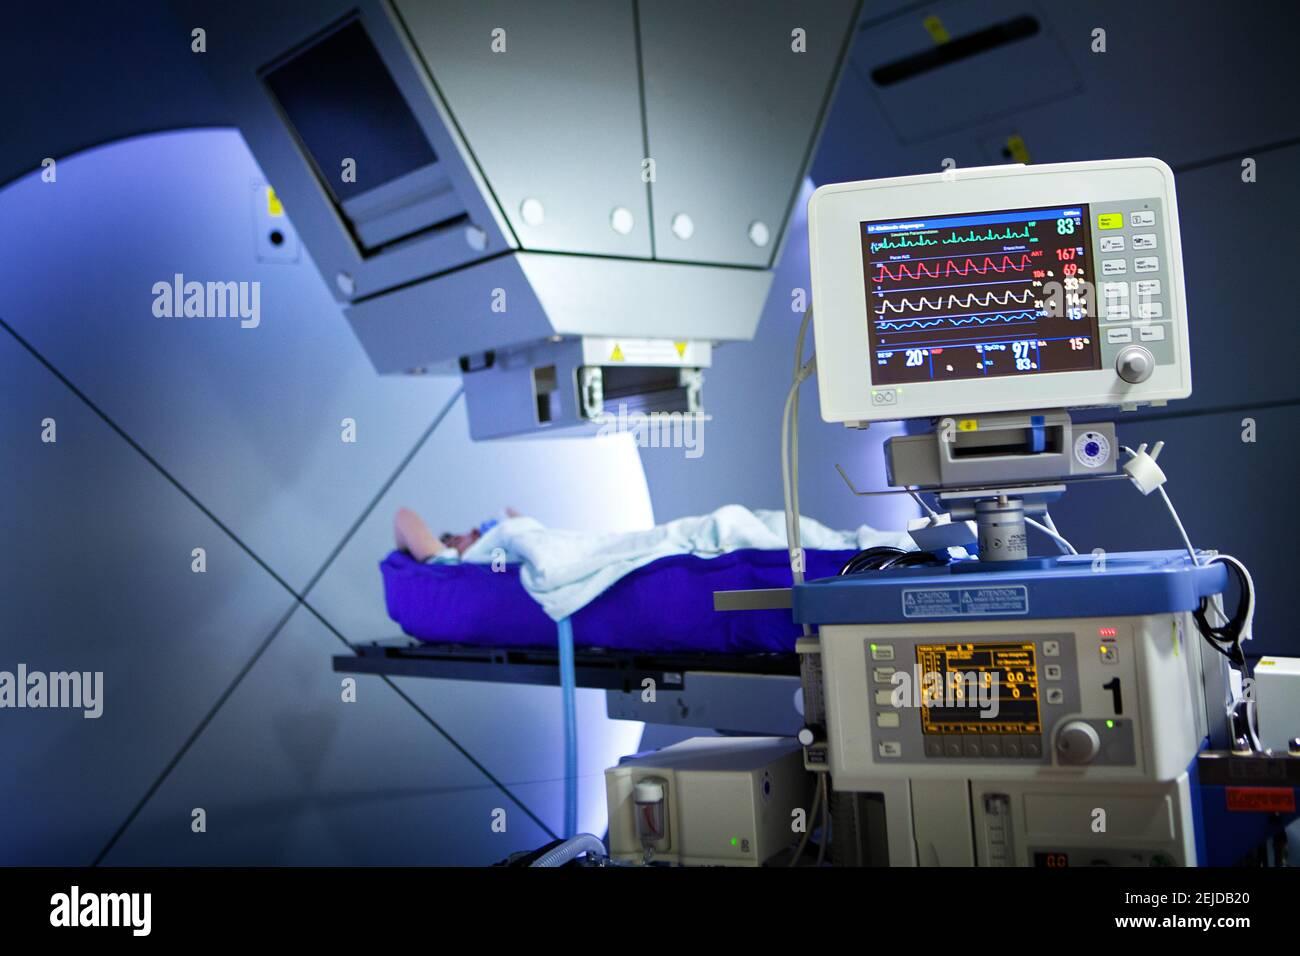 Die Protonentherapie bestrahlt Krebszellen mit einem Protonenstrahl im Inneren des Tumors. Stockfoto